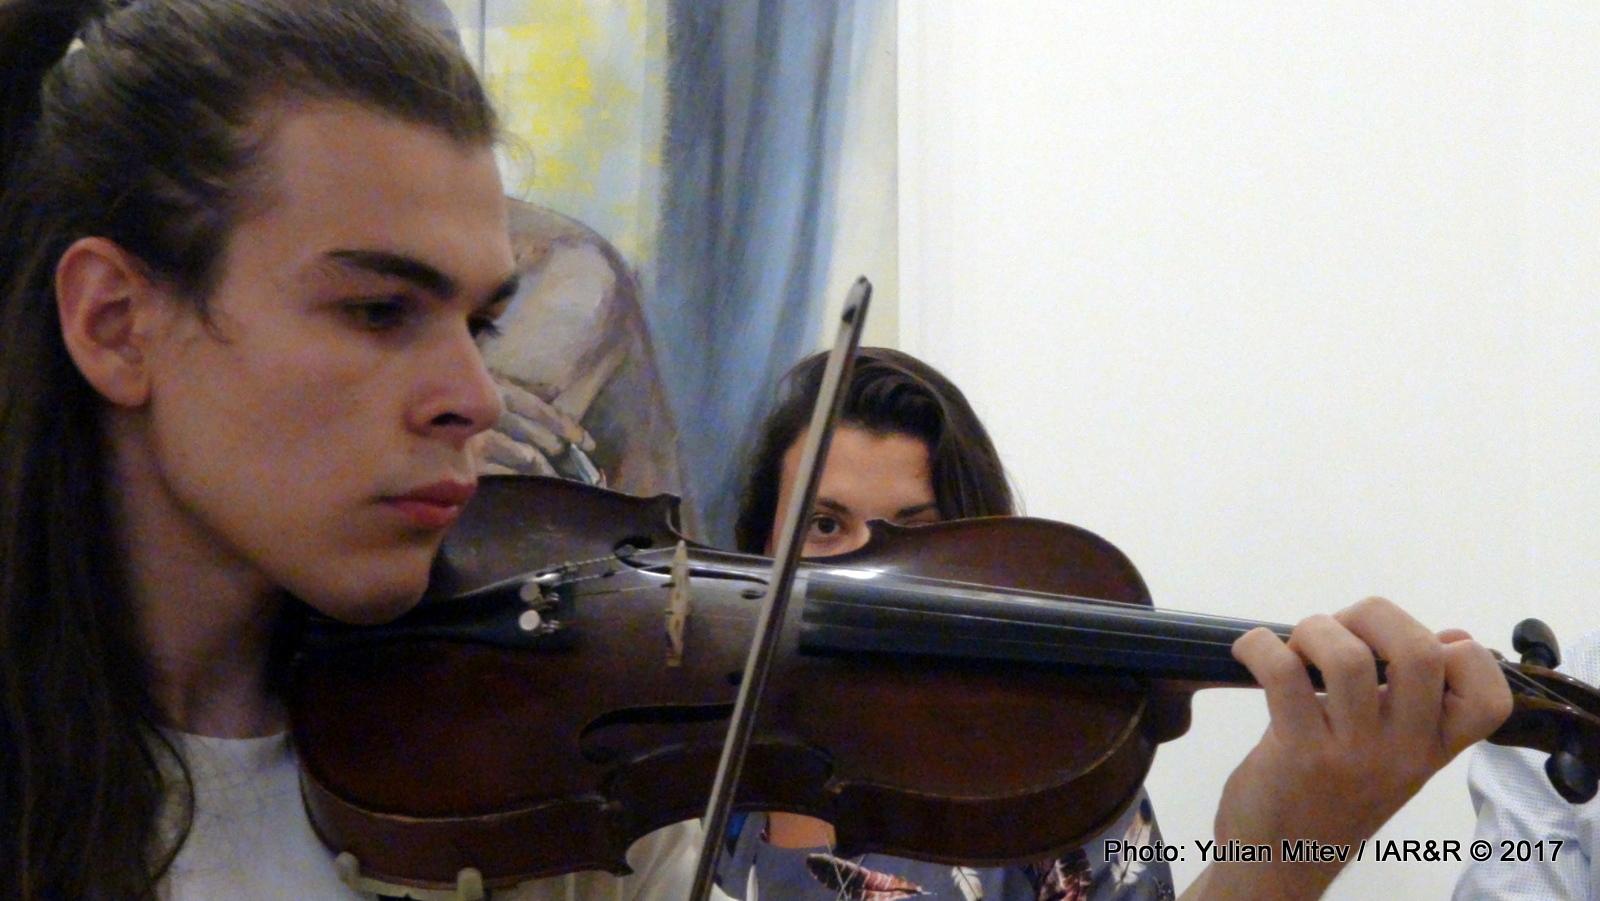 Младият цигулар Васил Гешев изпълни пред публиката свои инструментални вариации, съзвучни с темата на изложбата